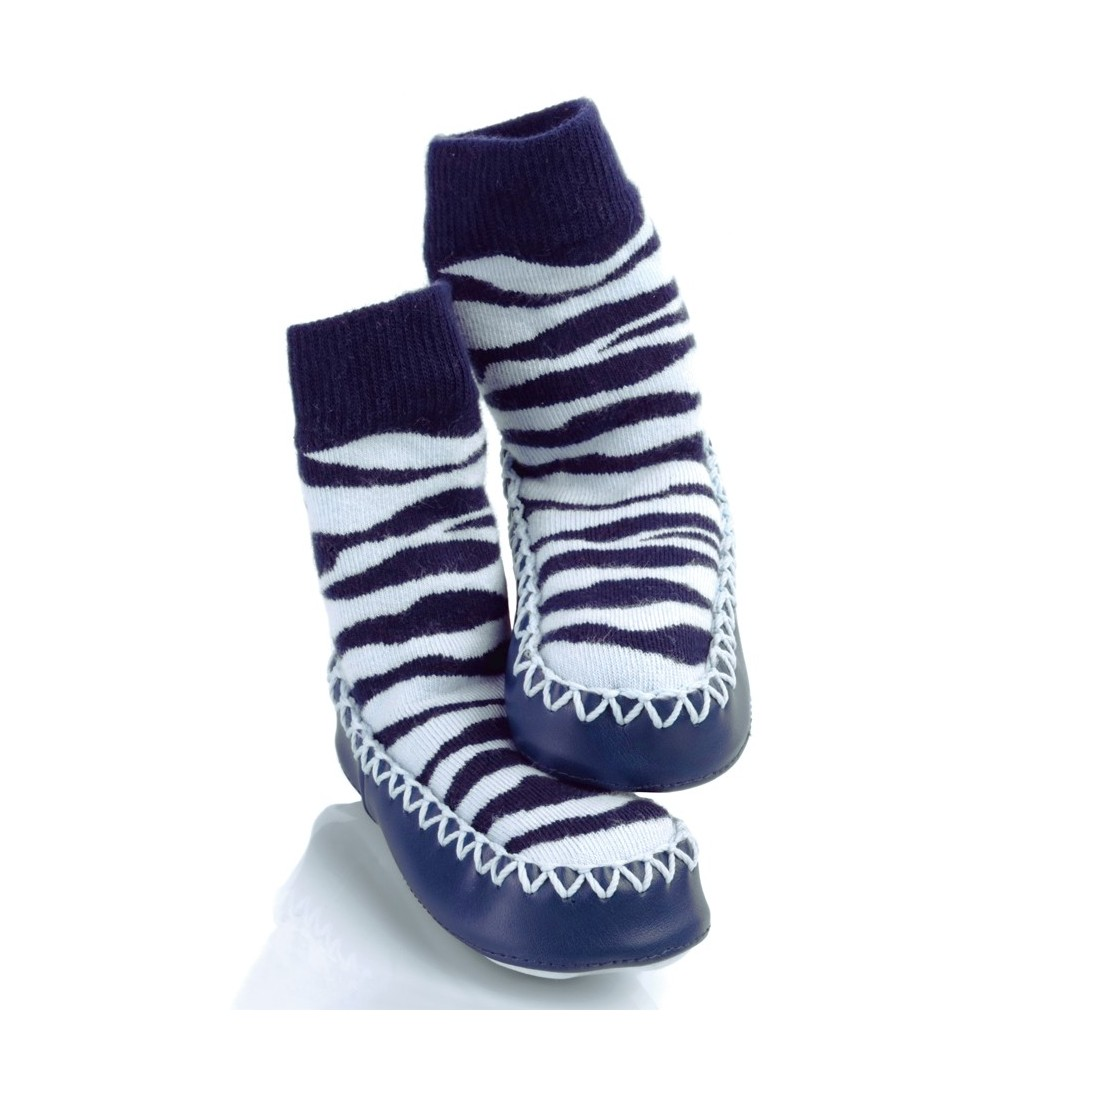 Chaussons bébé tricot Mocc Ons Zebre